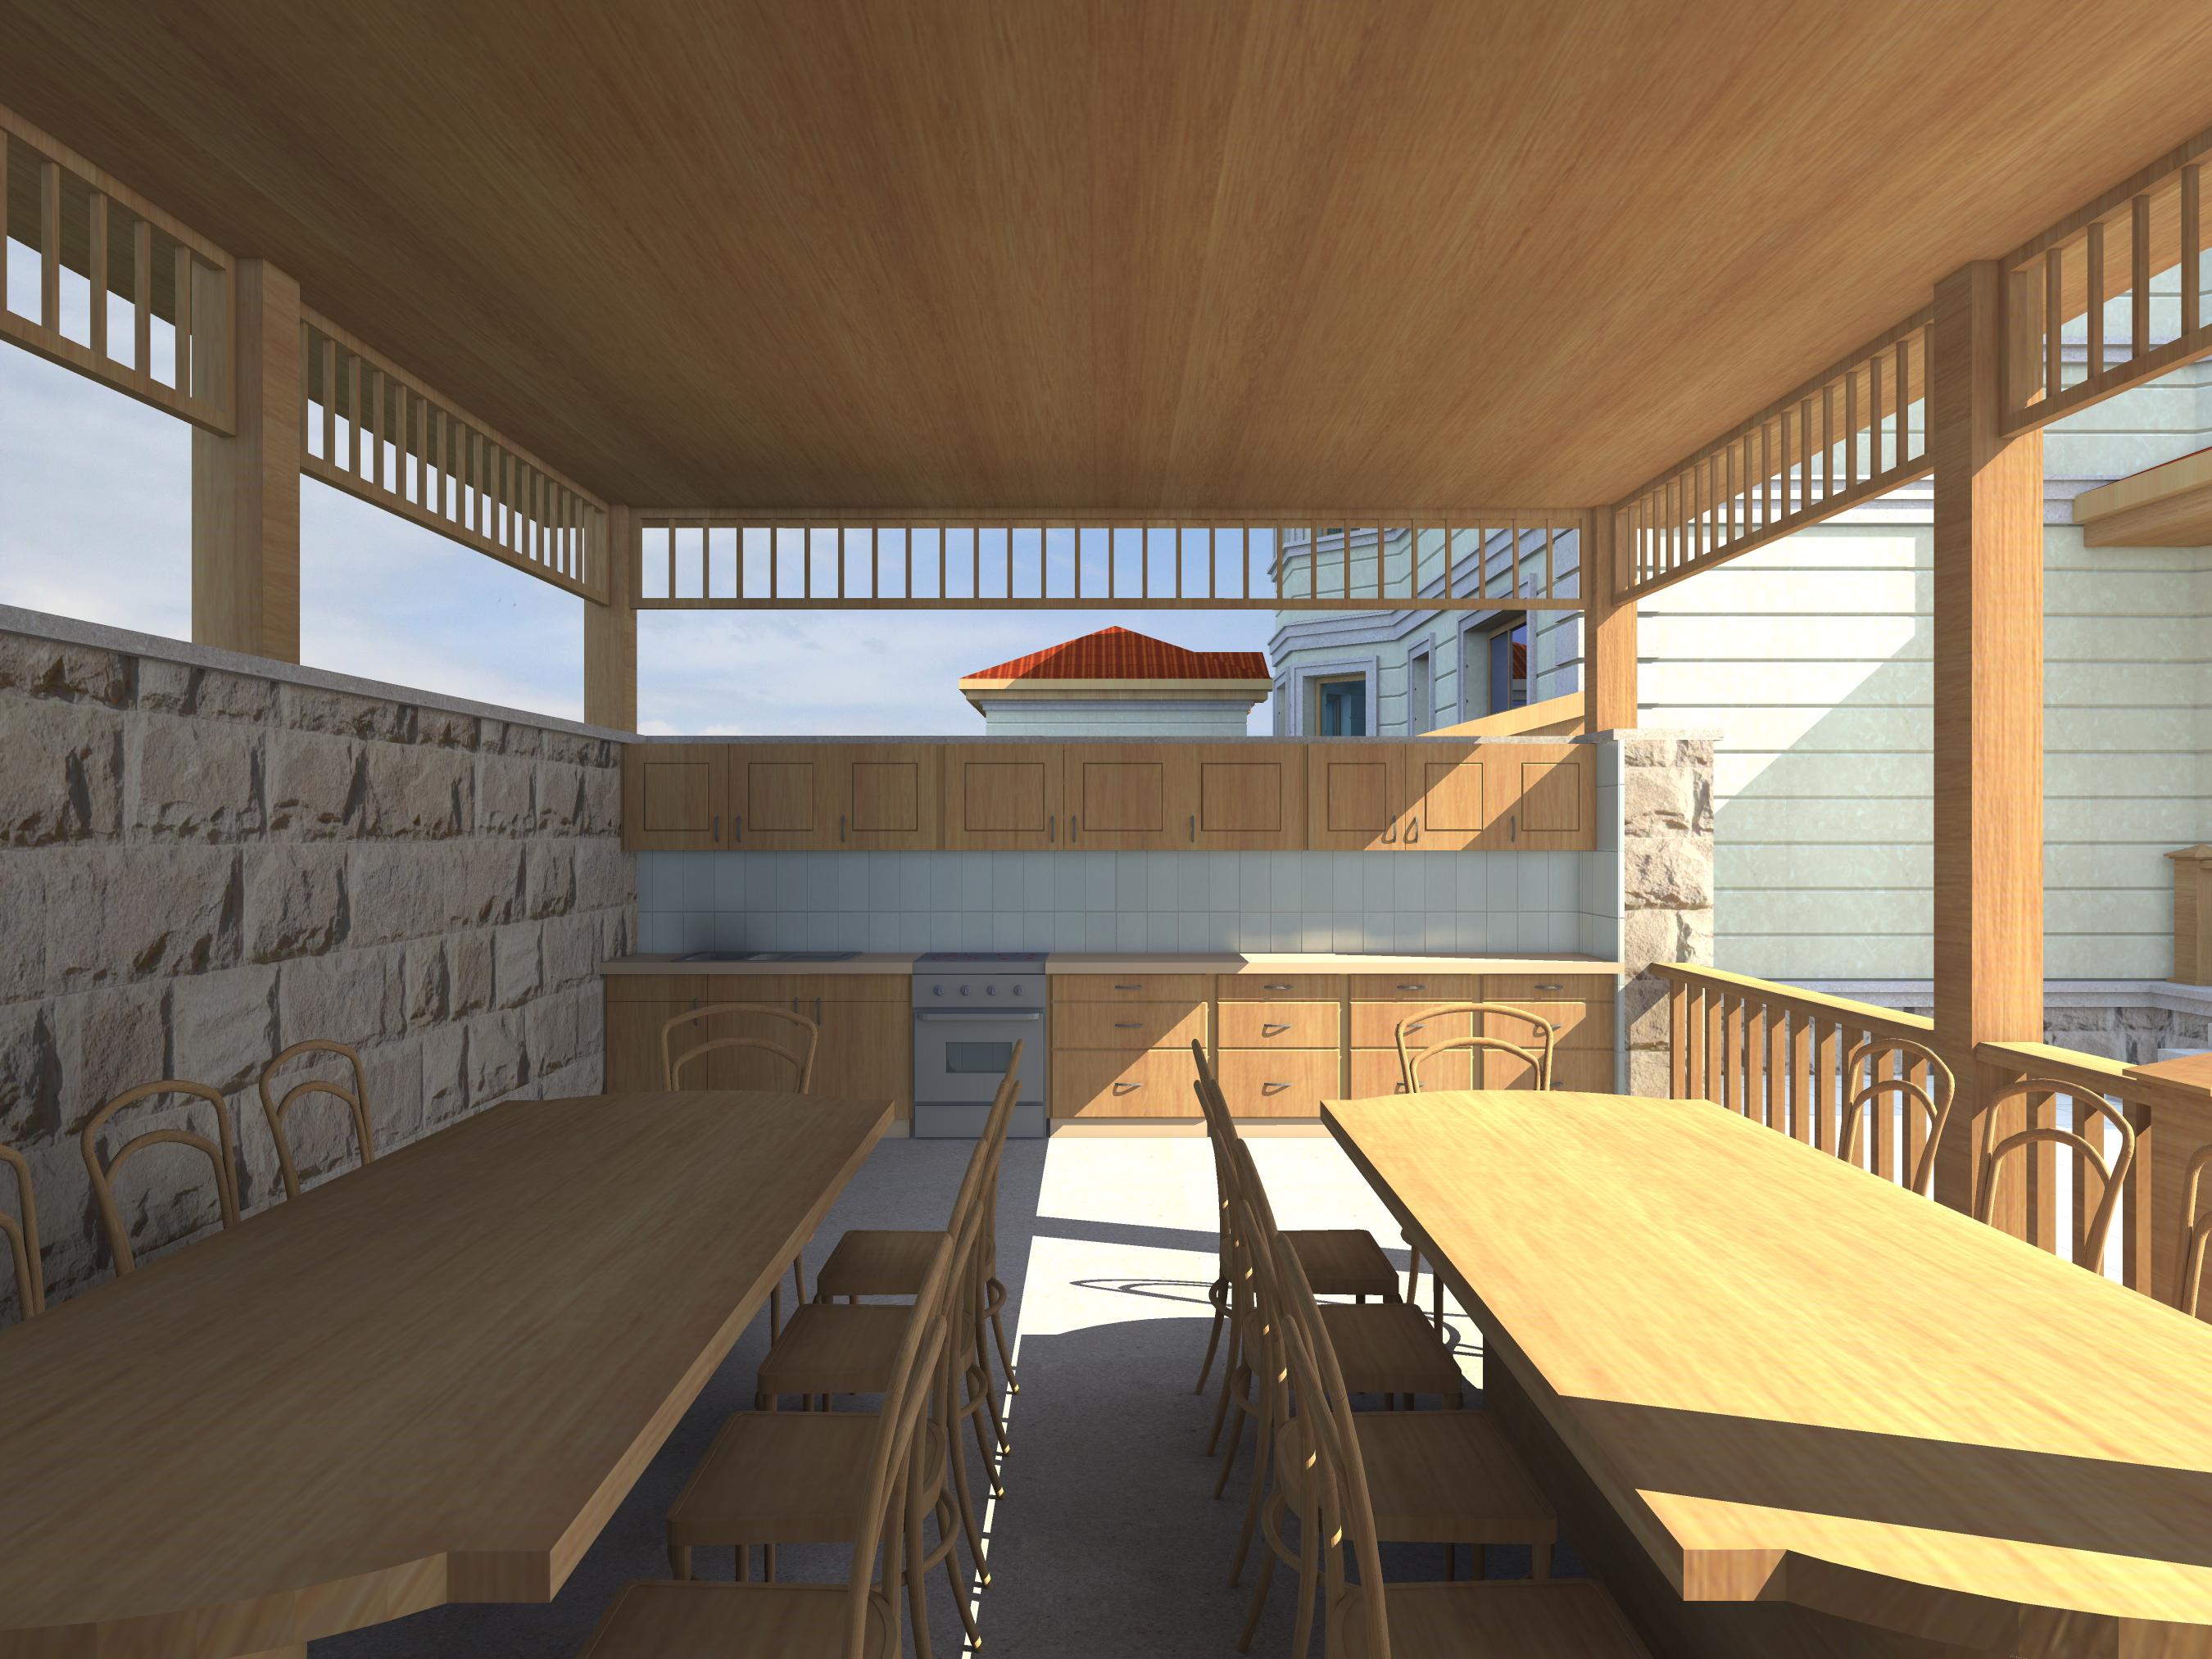 Проект двухэтажного дома с сауной, беседкой, зона барбекю и бассейном - 4